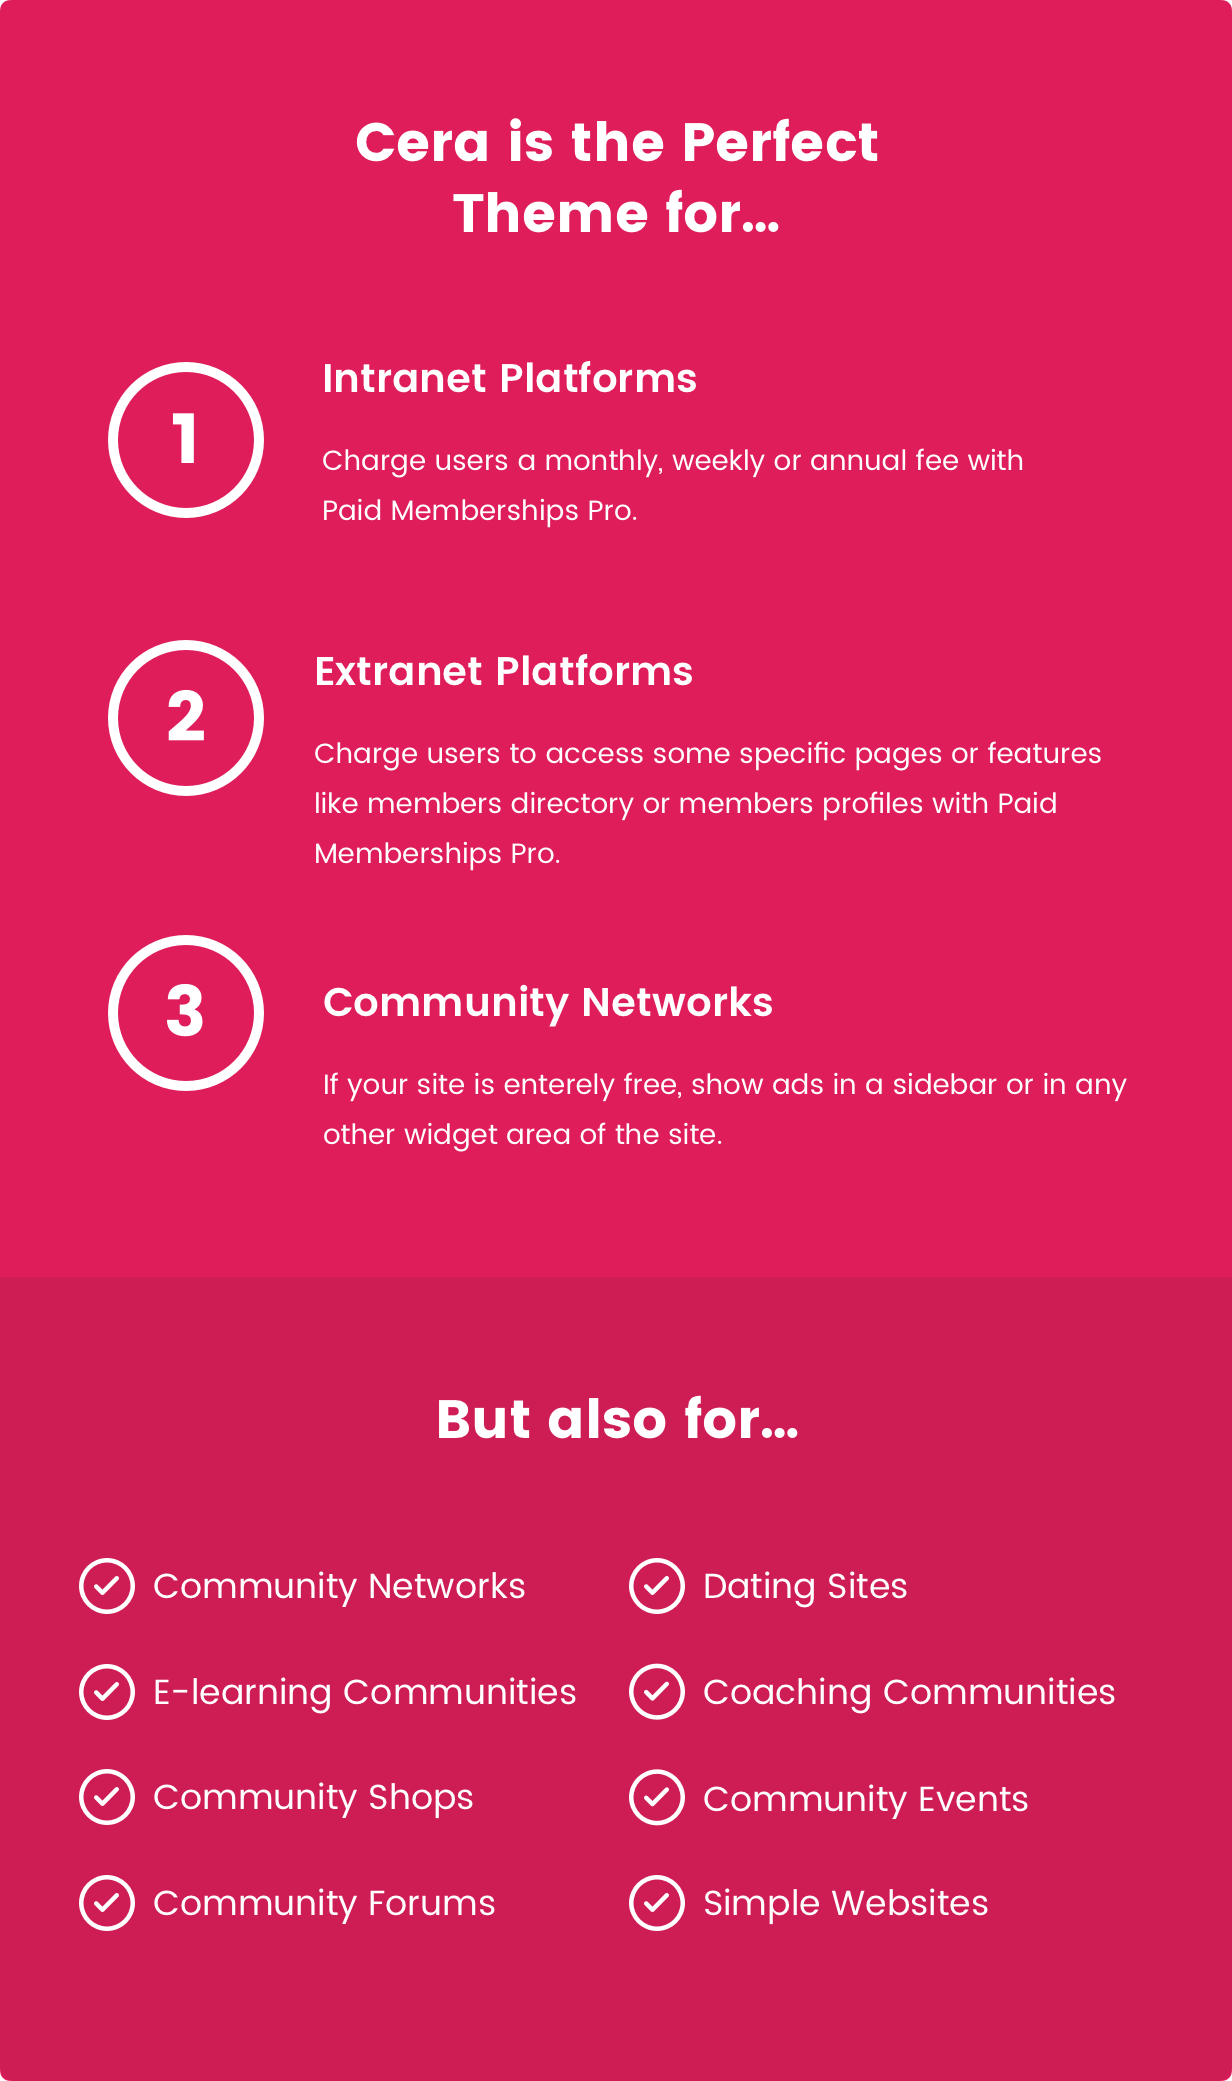 Cera - Thème intranet et communauté - 12